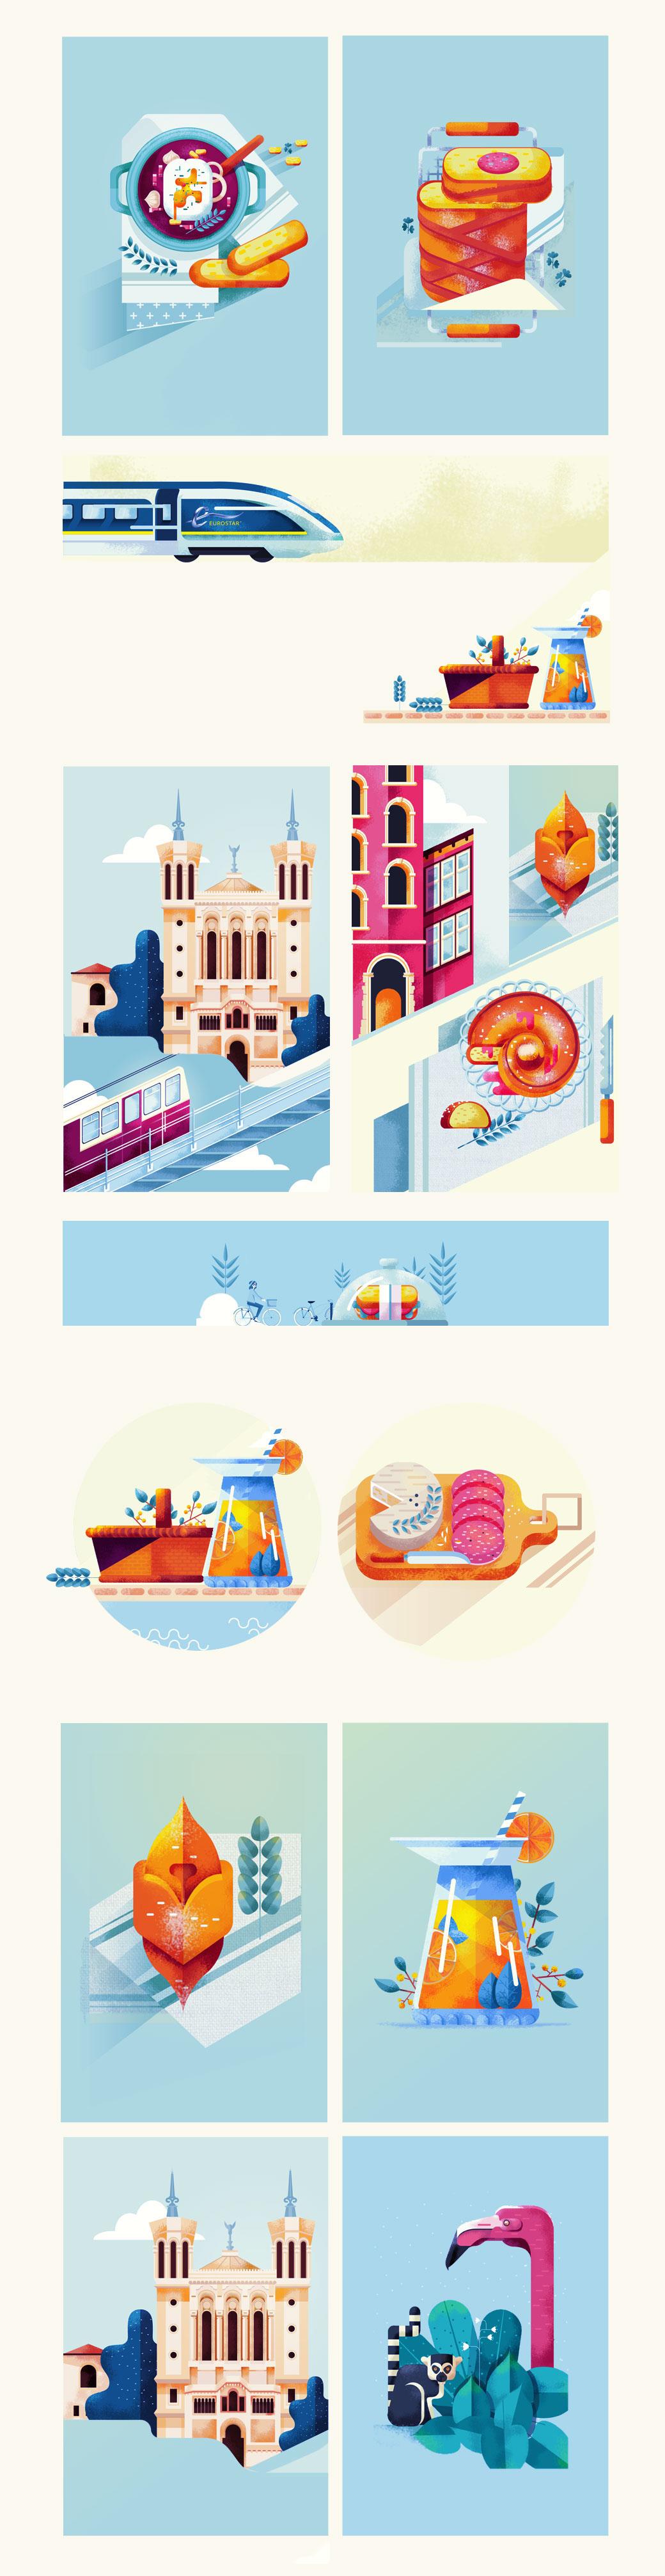 داستان گویی بصری، طراحی گرافیک فرانسه